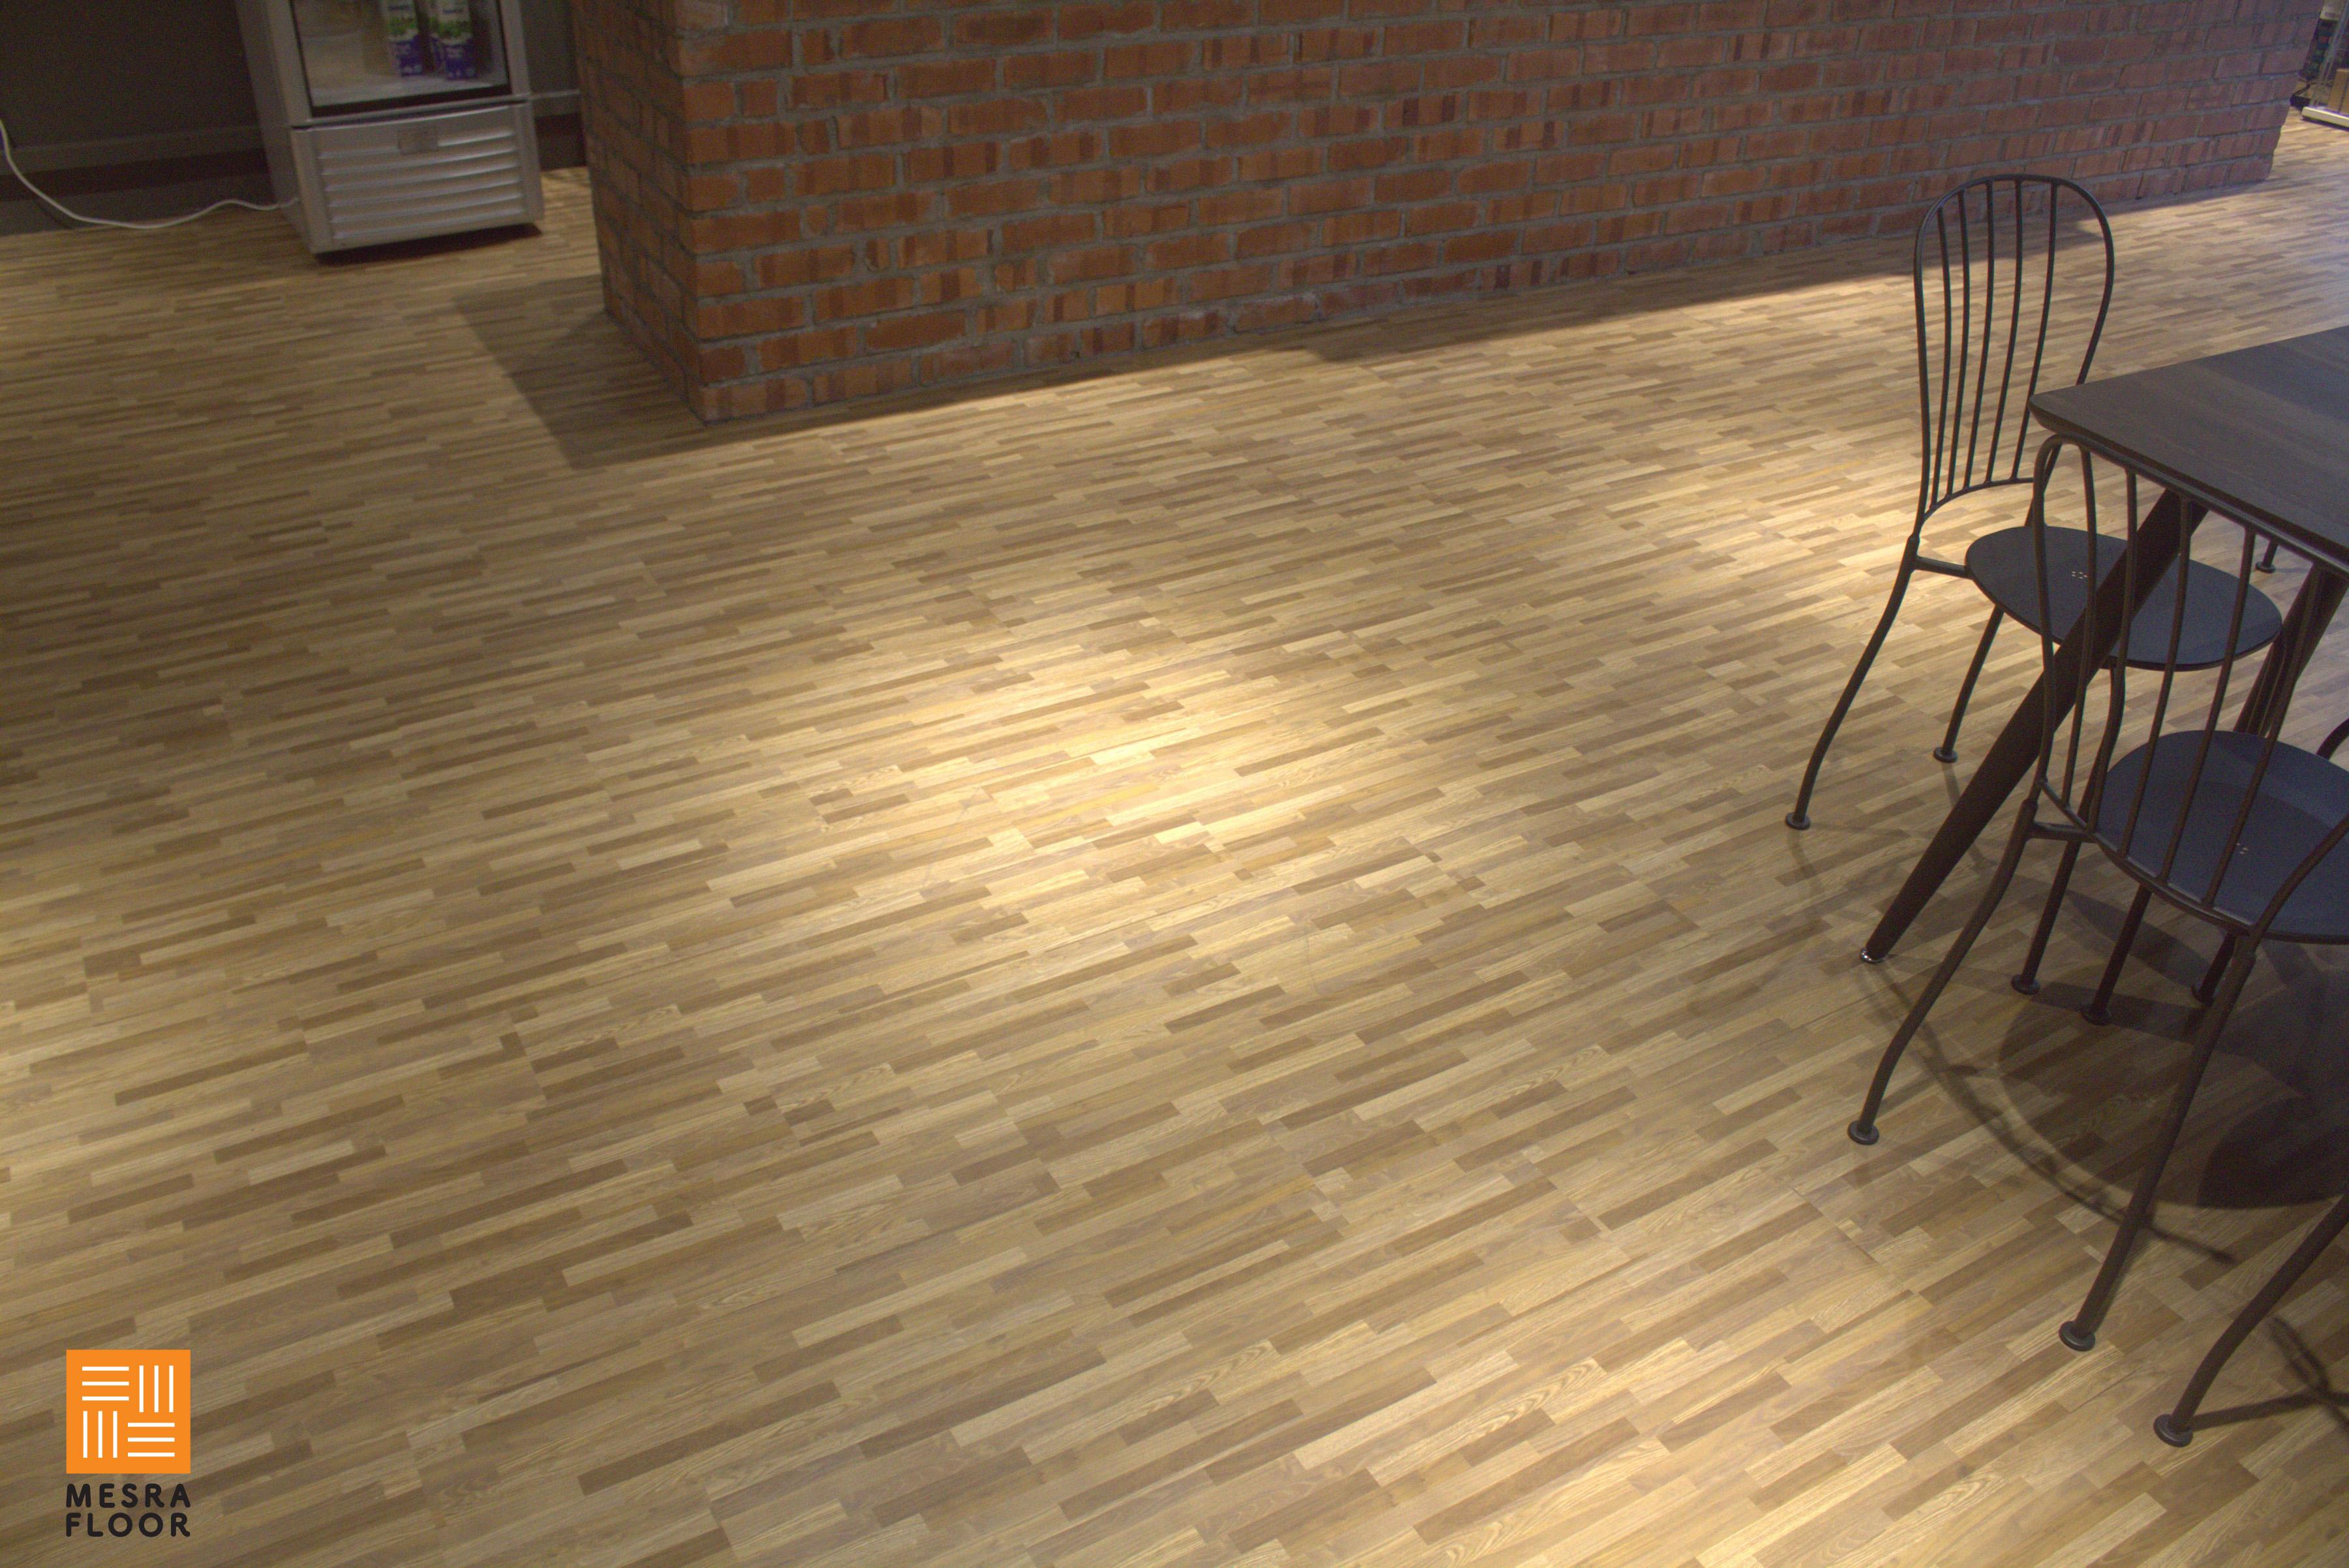 MesraFloor KBNK Vinyl Flooring